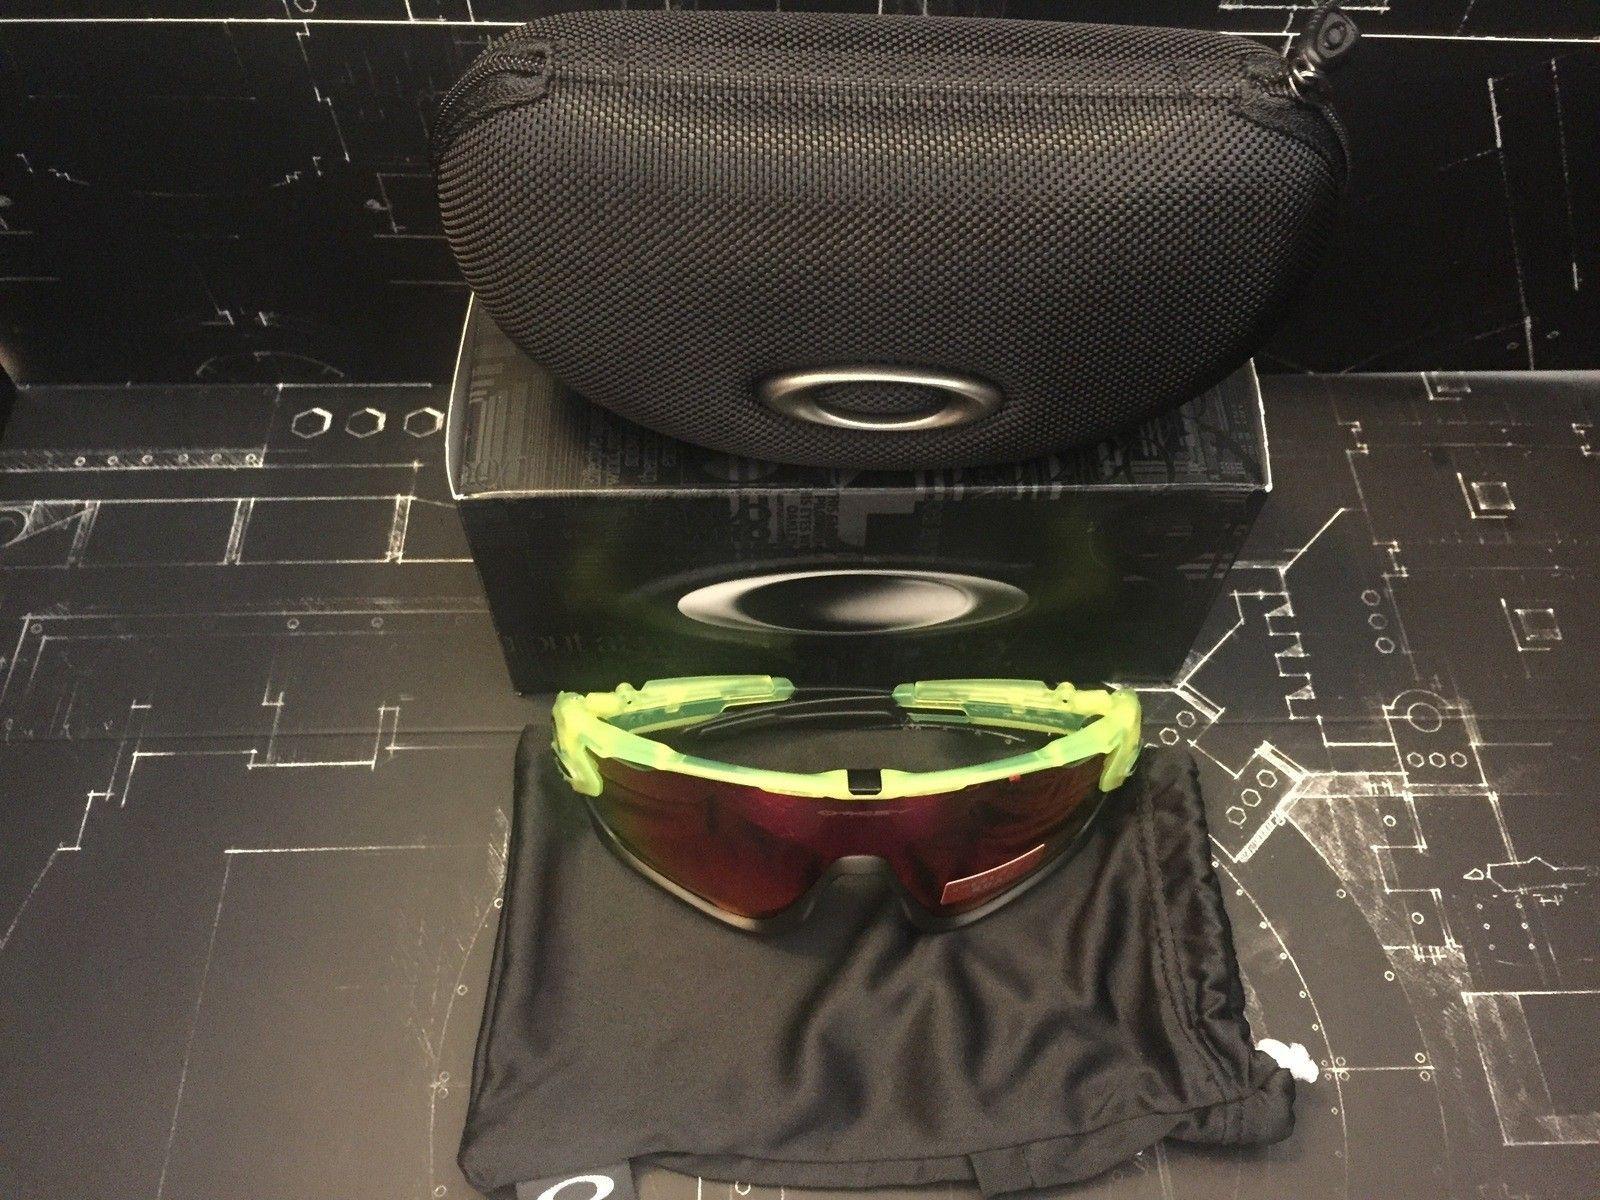 BNIB Uranium jawbreaker $160 - image.jpeg